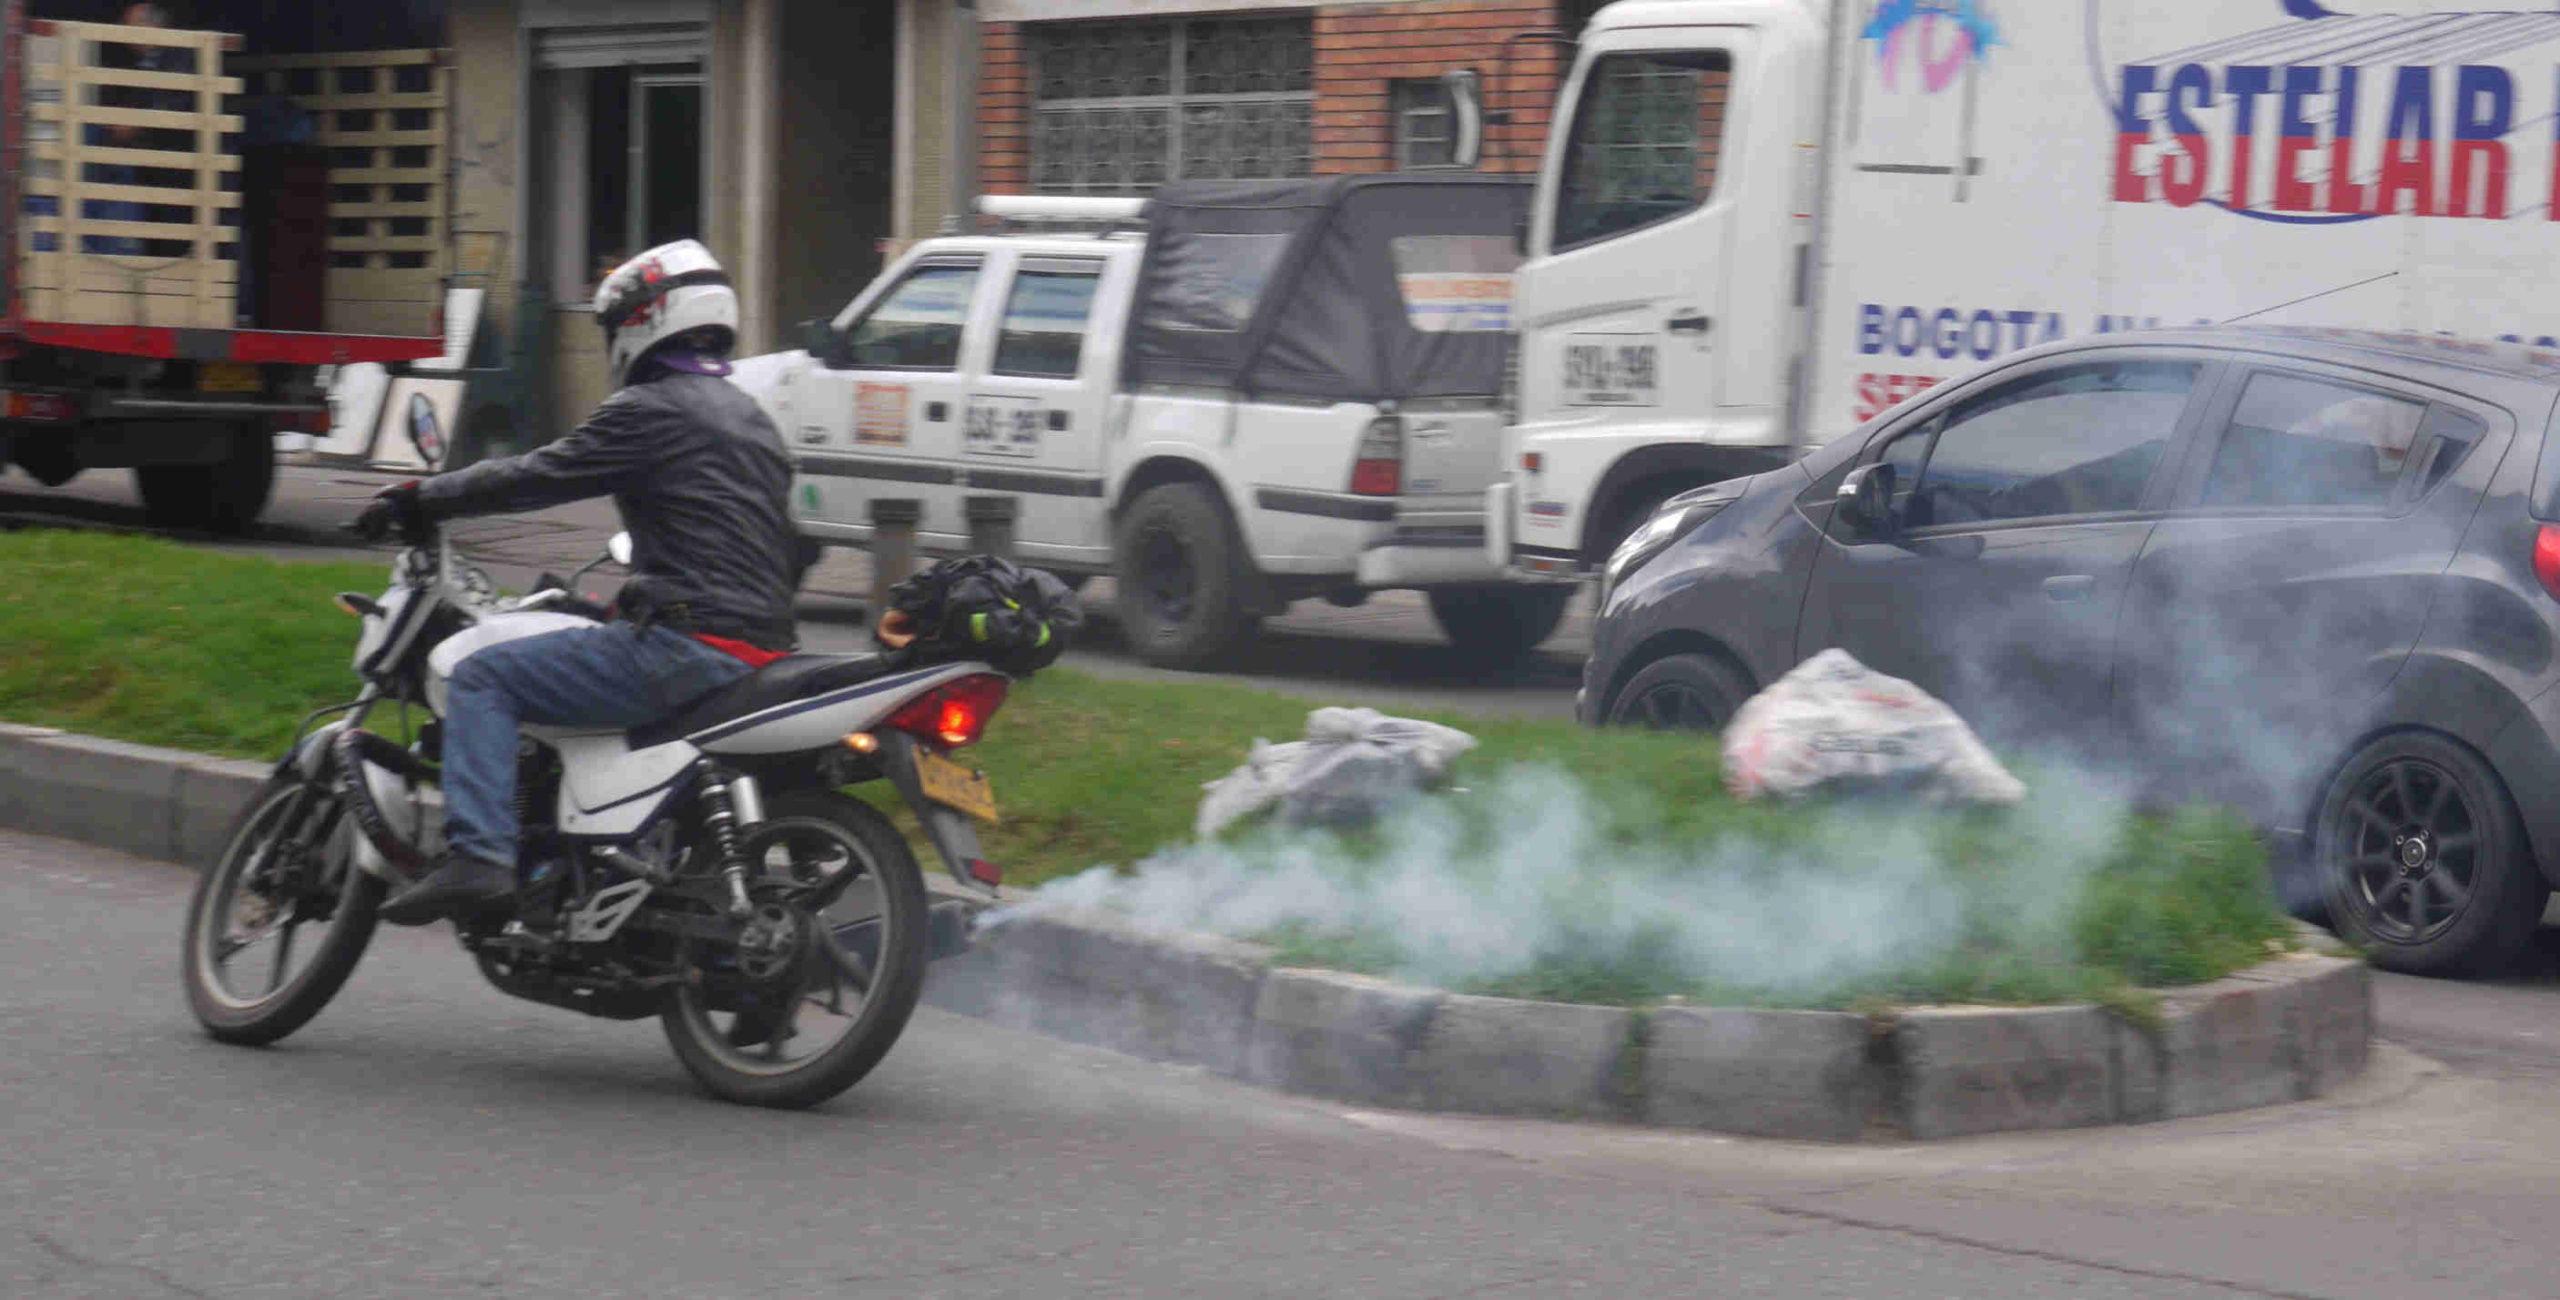 gases emisiones contaminantes emision cuencaire corpaire